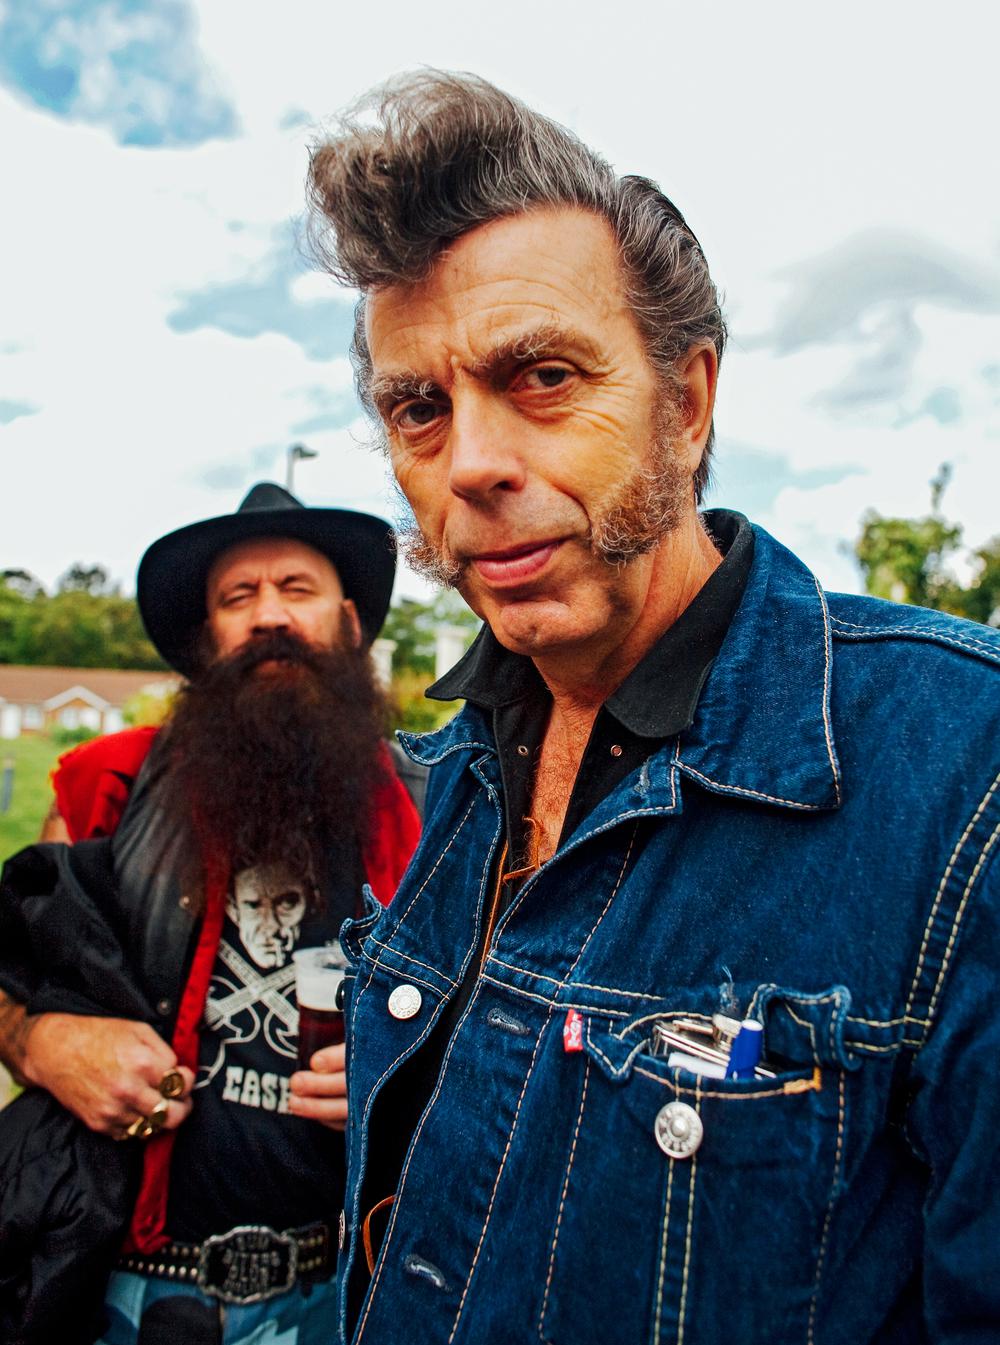 Rockers, Hemsby 2011